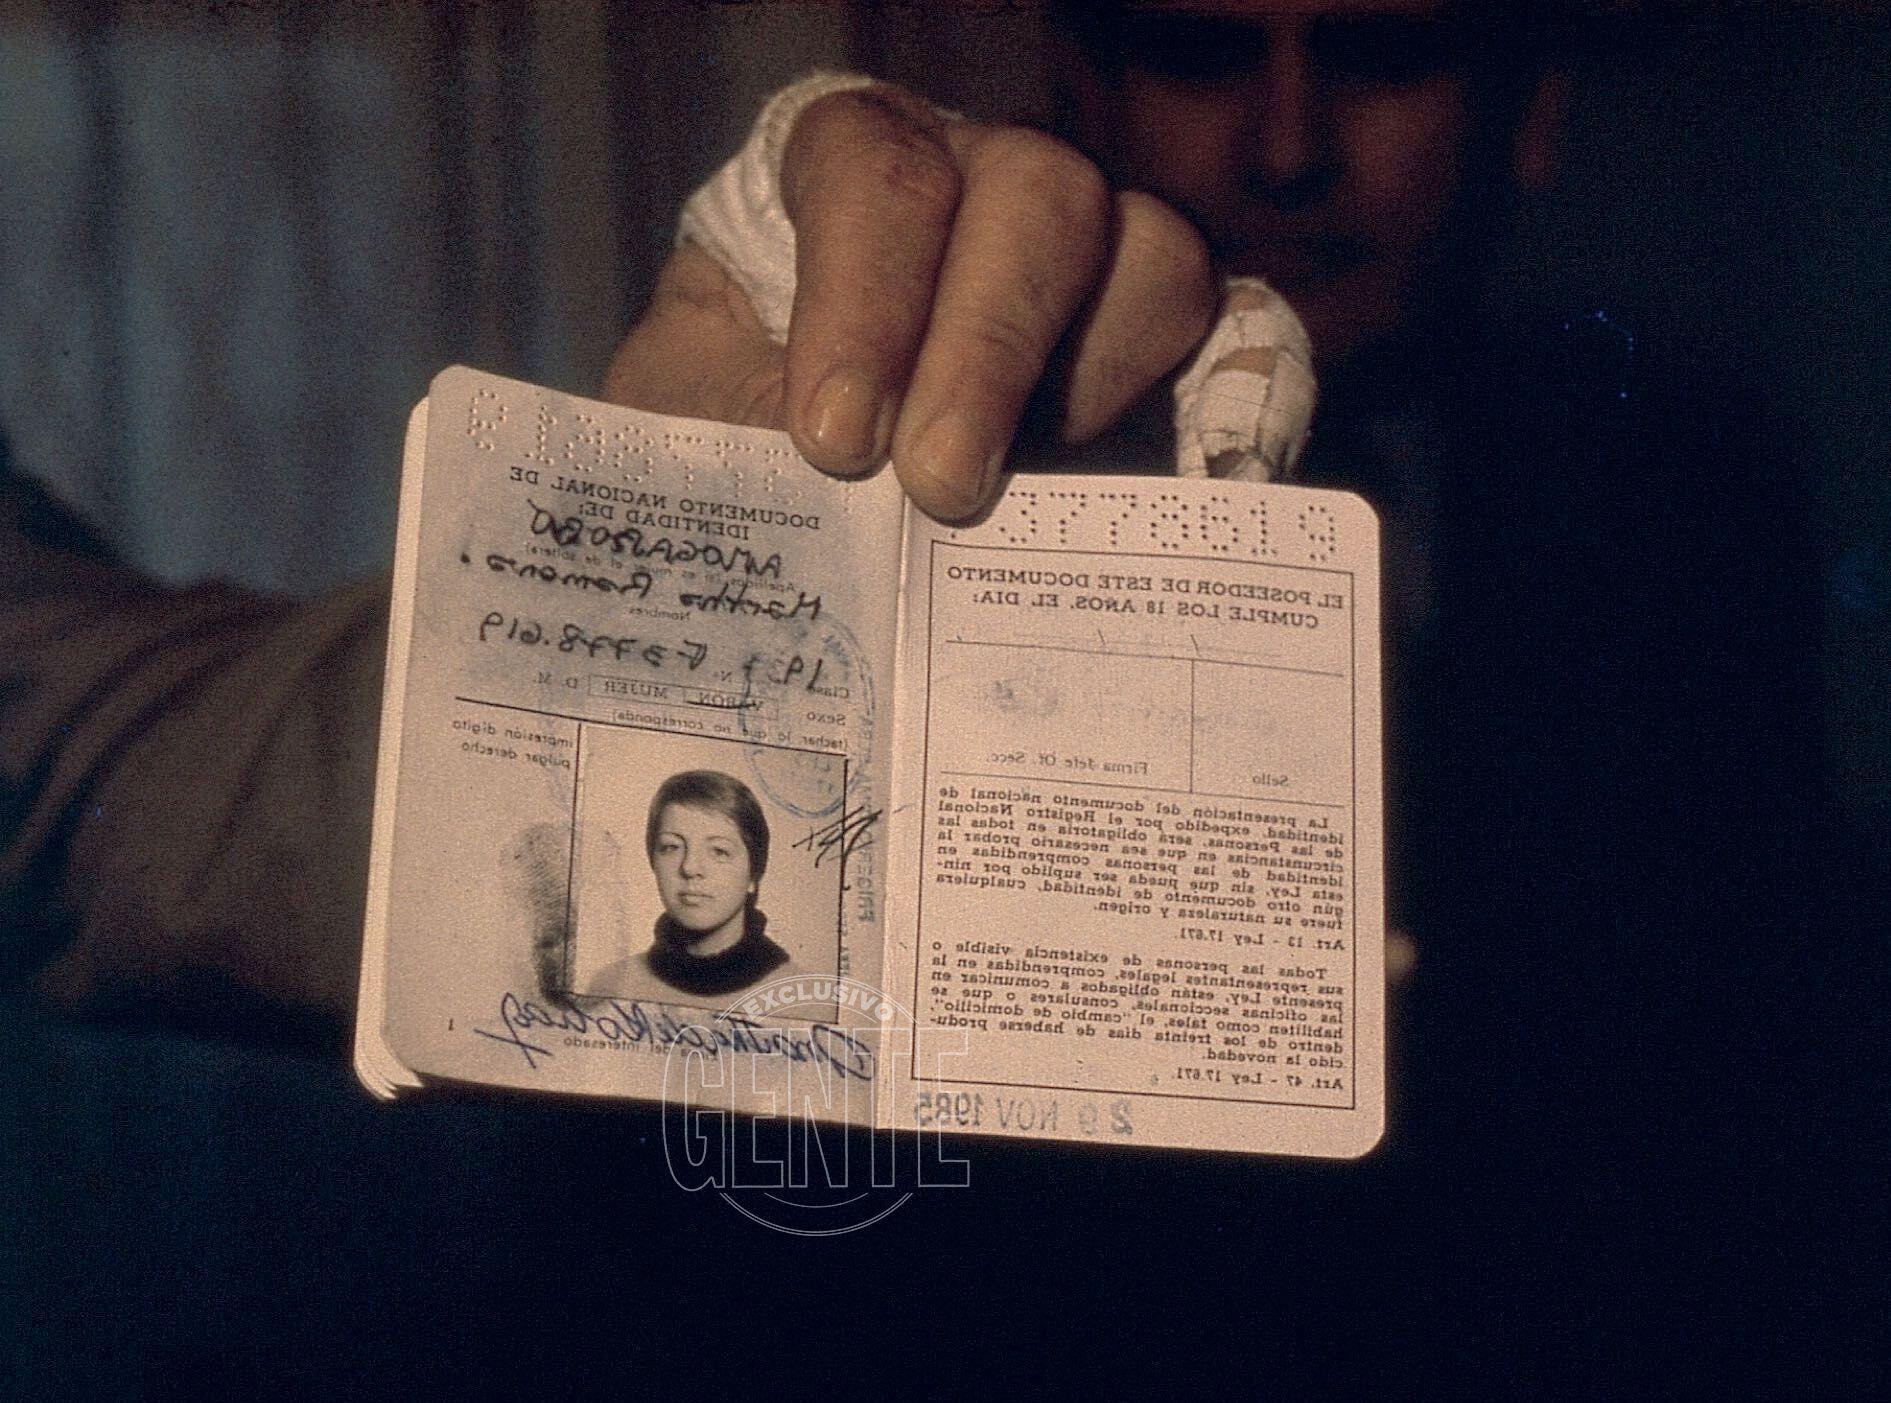 El documento falsificado que llevaba Sobrero cuando escapó del penal de Ezeiza en 1986